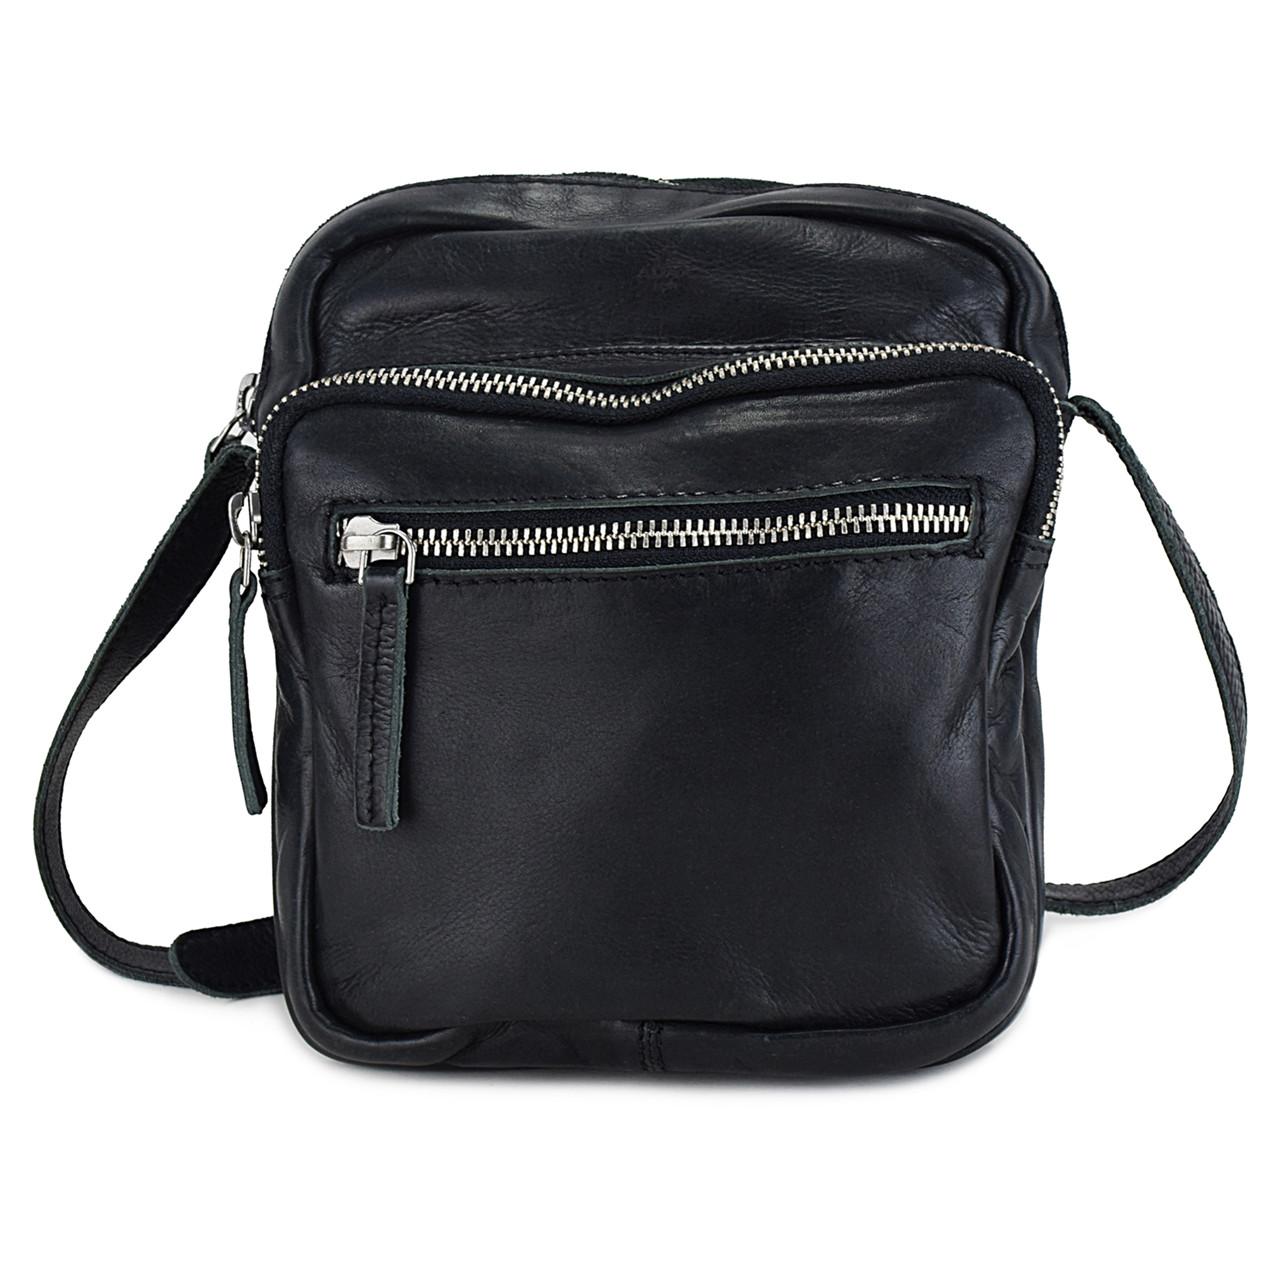 Tasker. En taske er en af de vigtigste accessories til dit outfit. Her finder du fine tasker til en festlig aften i byen og større shopping tasker til hverdagsbrug.